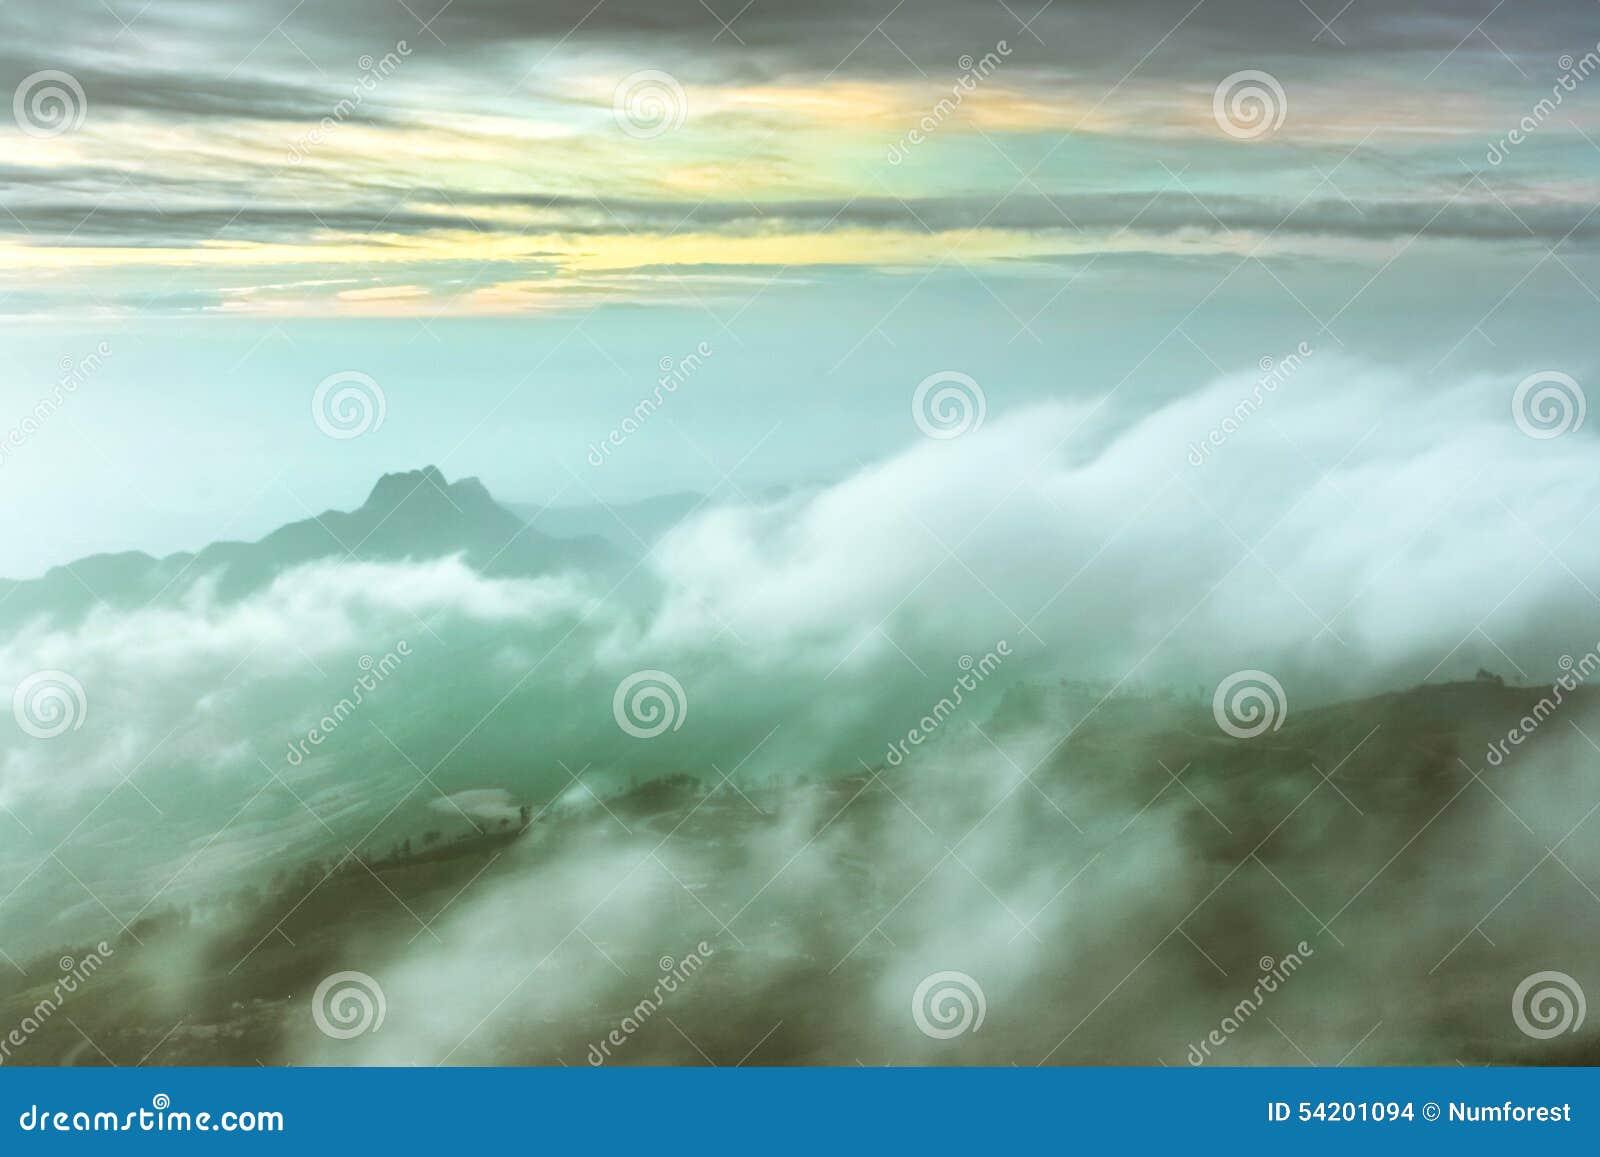 Σύννεφο στο βουνό